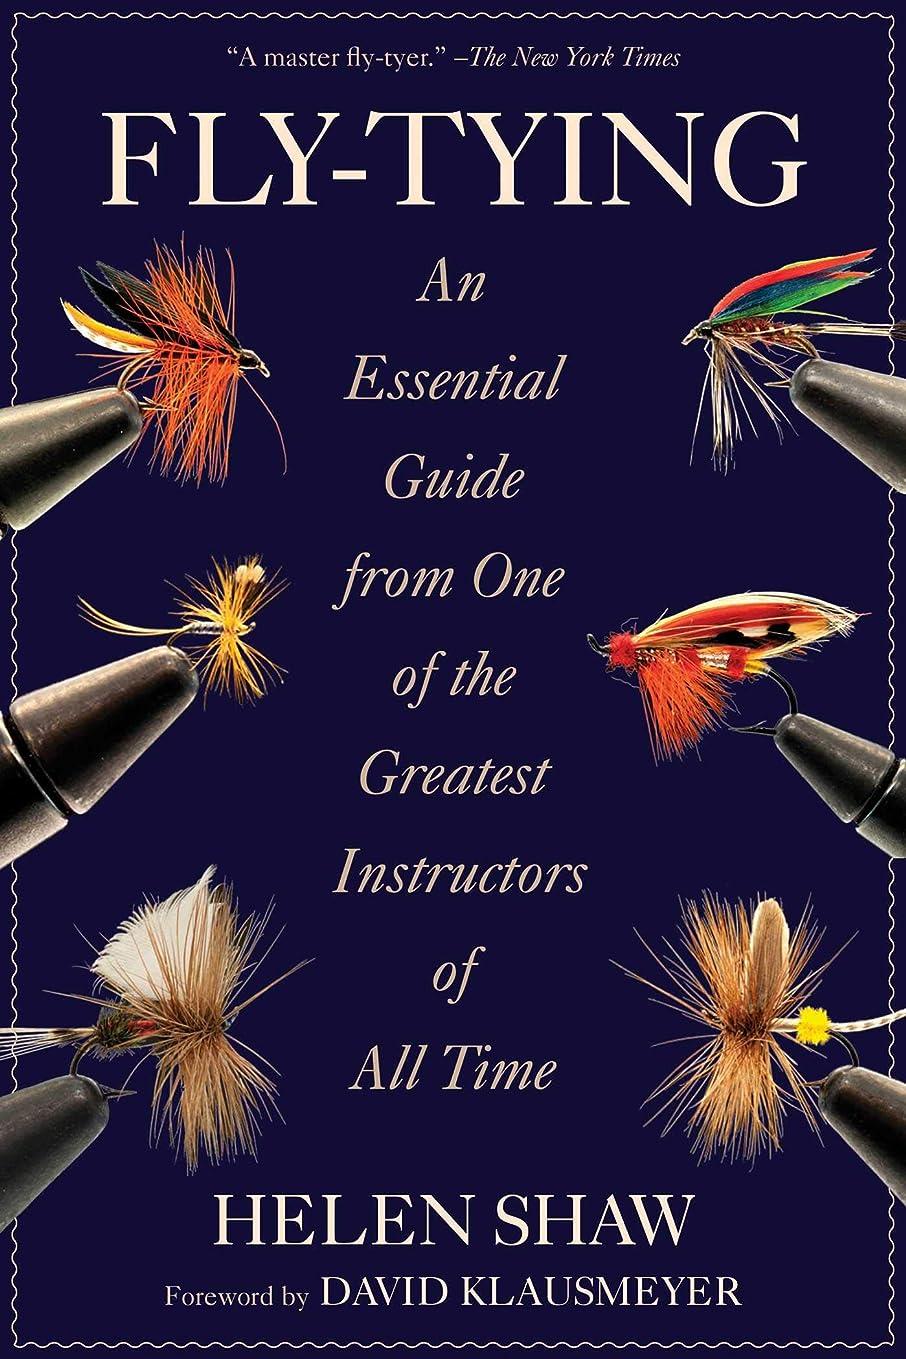 転用ペレット主婦Fly-Tying: An Essential Guide from One of the Greatest Instructors of All Time (English Edition)